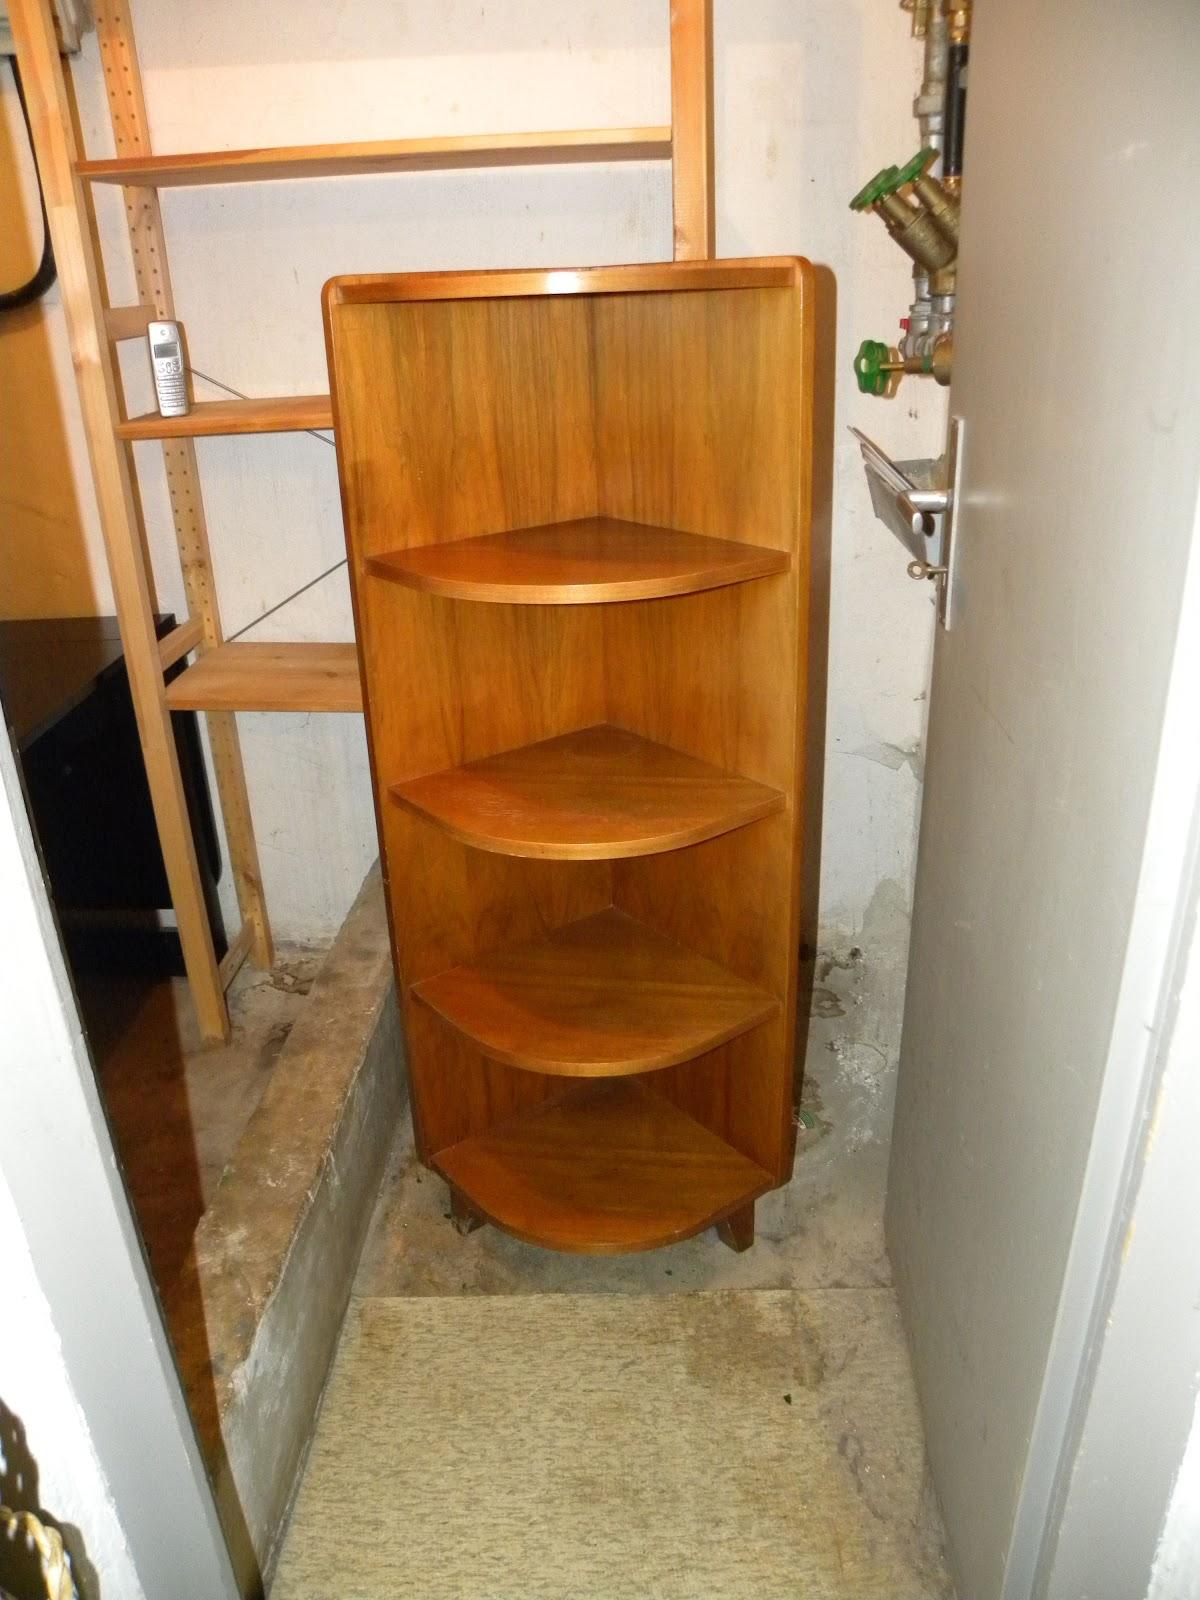 mein liebes frollein das fertige eckregal a la pariser chic. Black Bedroom Furniture Sets. Home Design Ideas